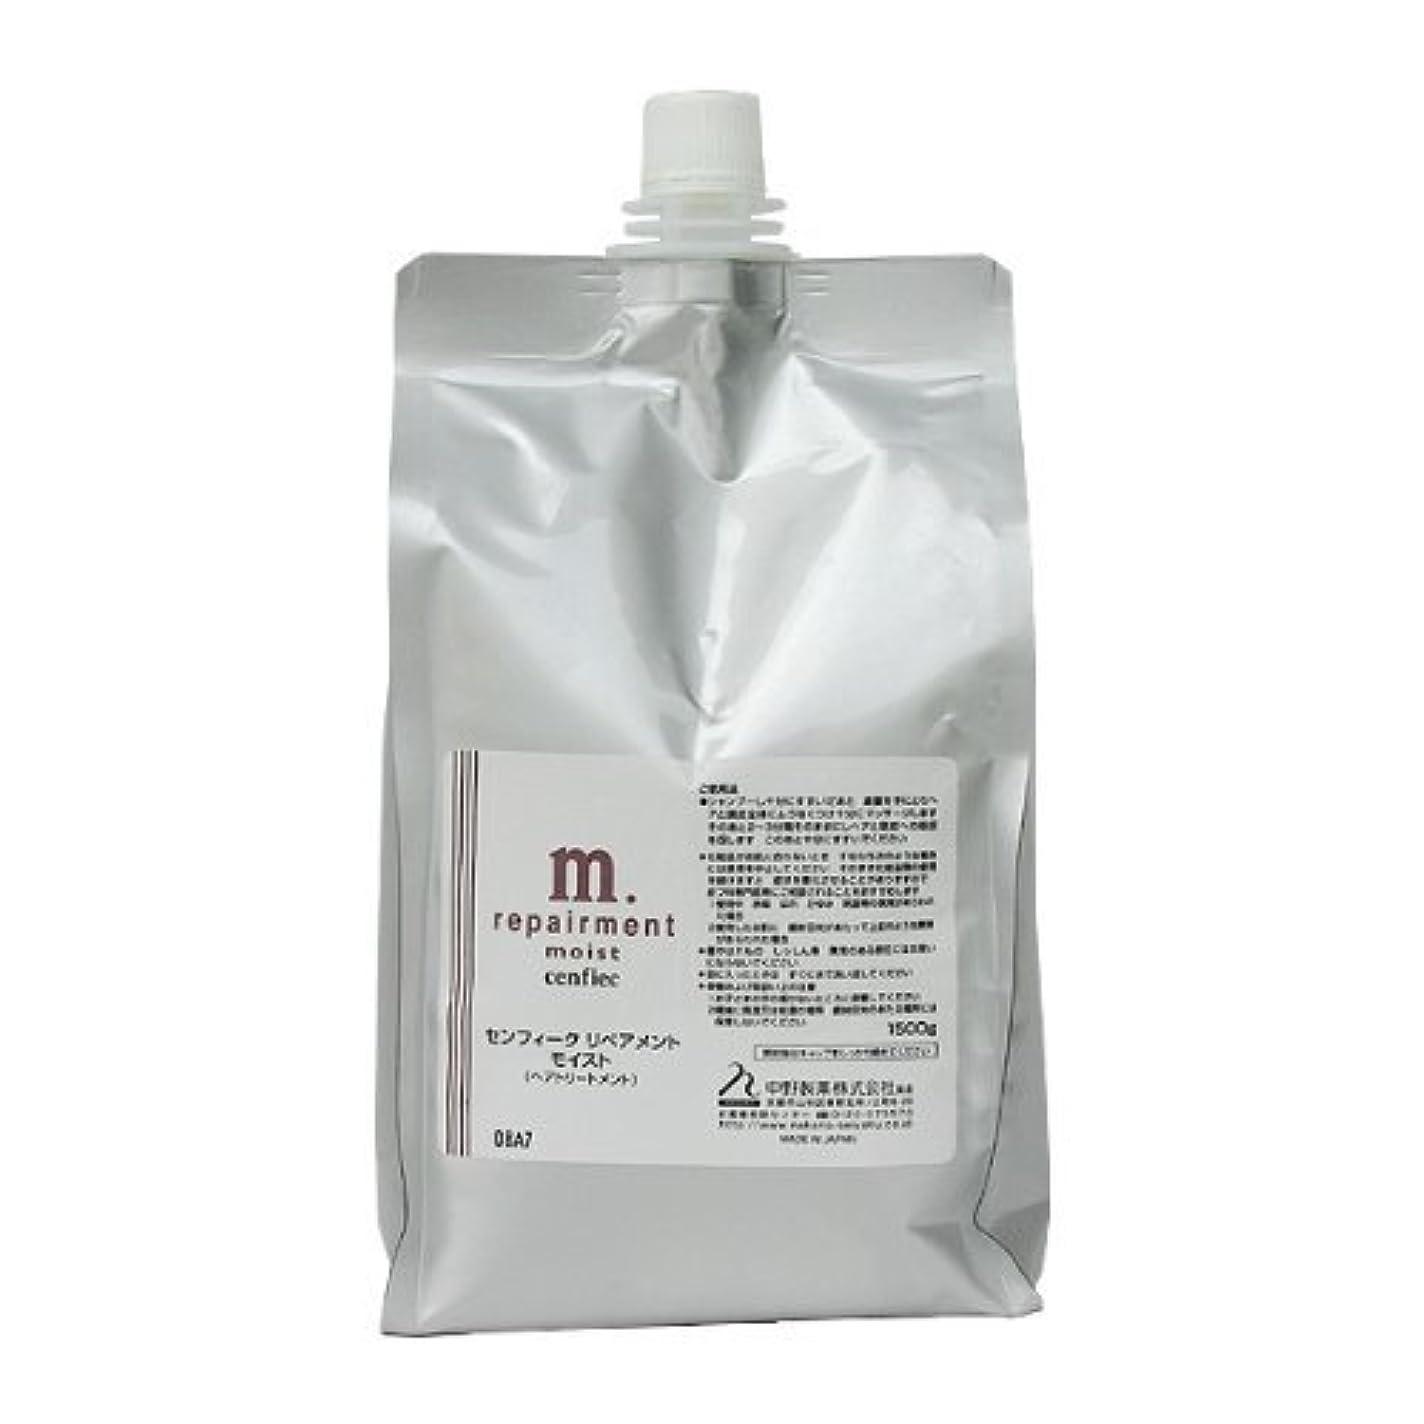 ミュウミュウ晩餐毛布中野製薬 センフィーク リペアメント モイスト レフィル 容量1500g